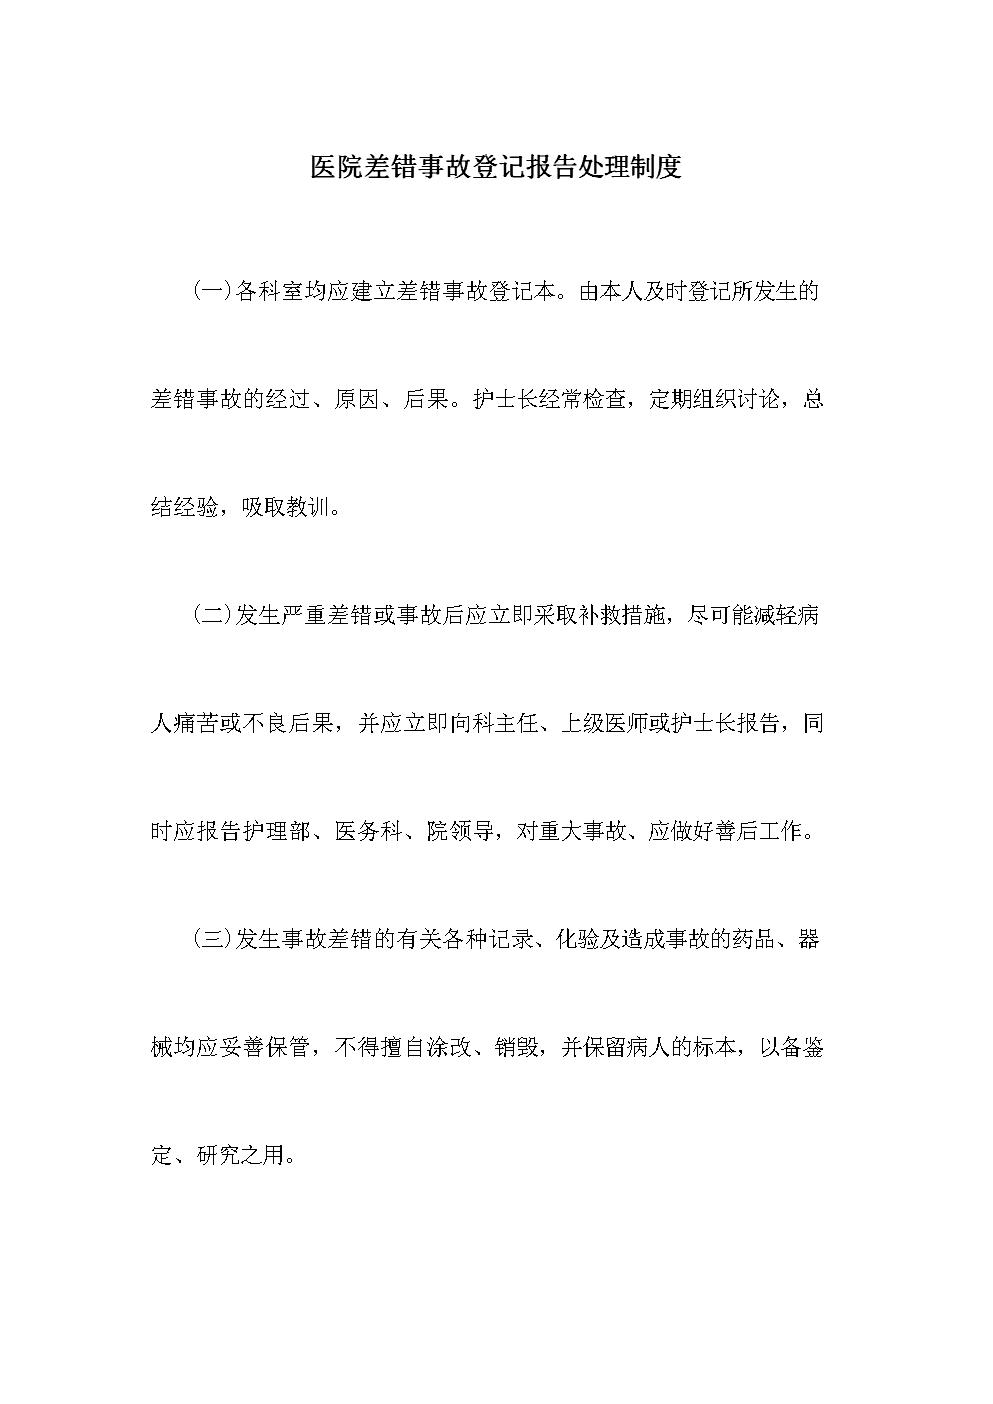 医院差错事故登记报告处理制度.docx